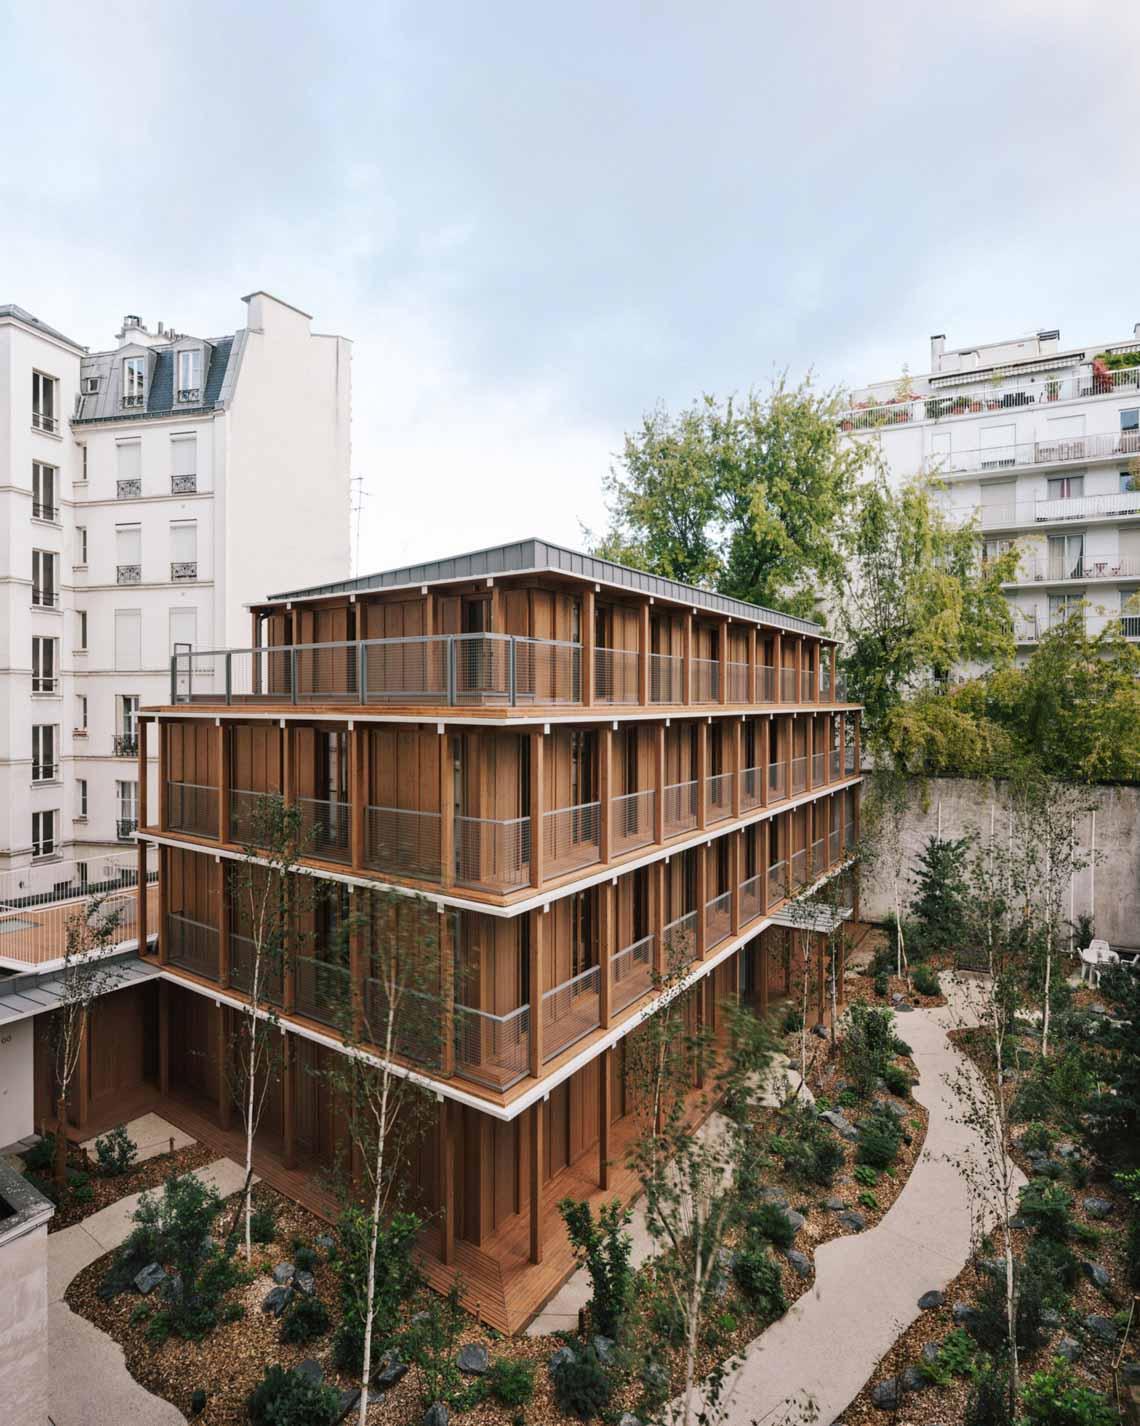 Tòa nhà căn hộ bằng gỗ với thiết kế mang phong cách Nhật Bản - 15